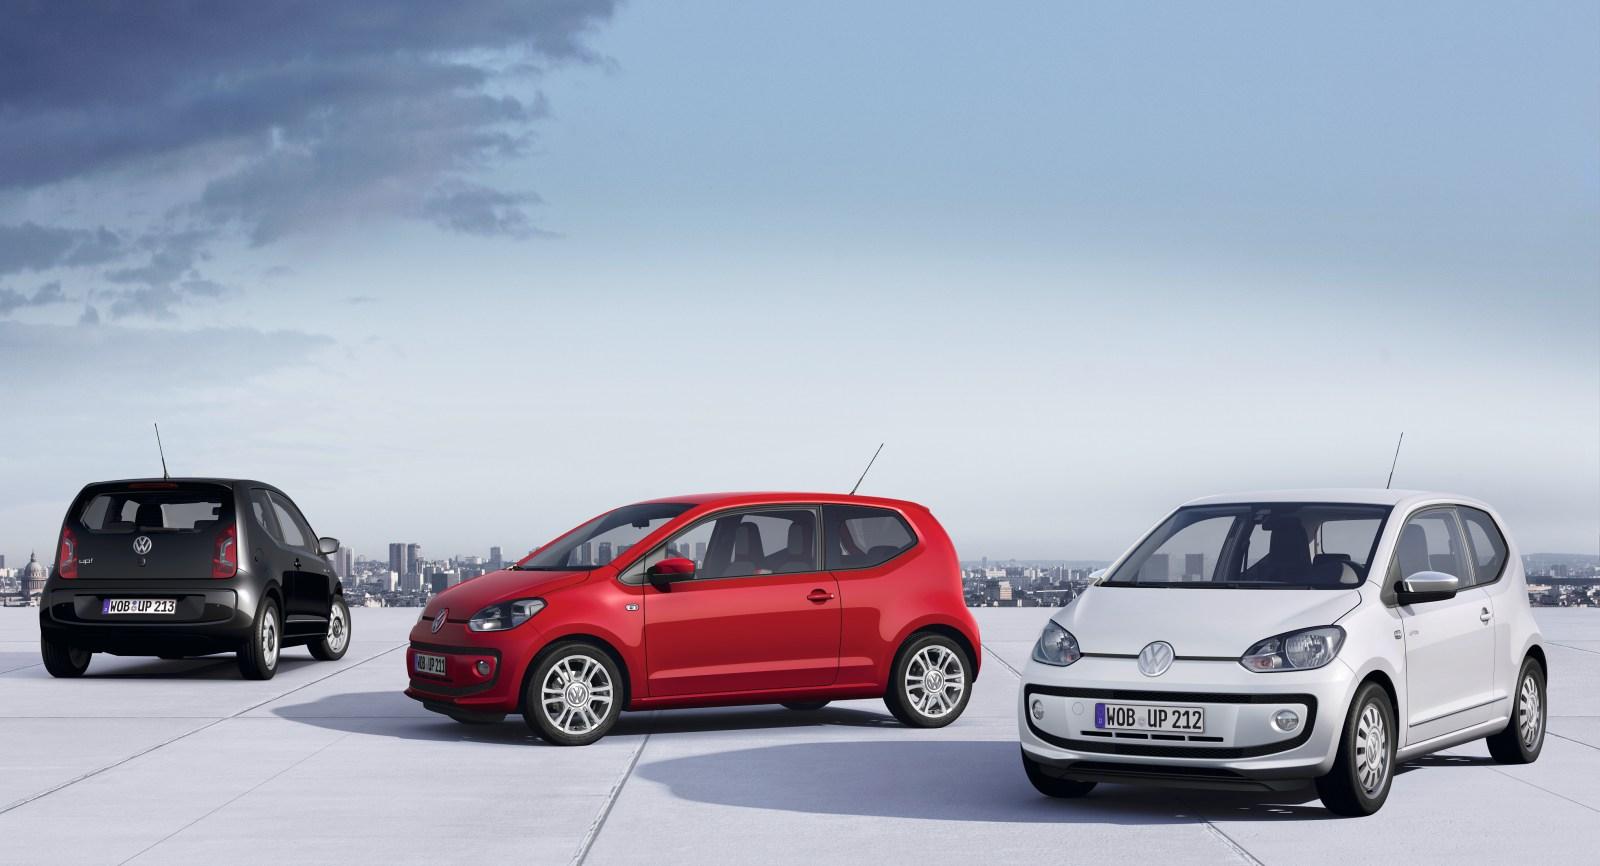 La unidad número 250.000 del Volkswagen Up! sale de la cadena de montaje